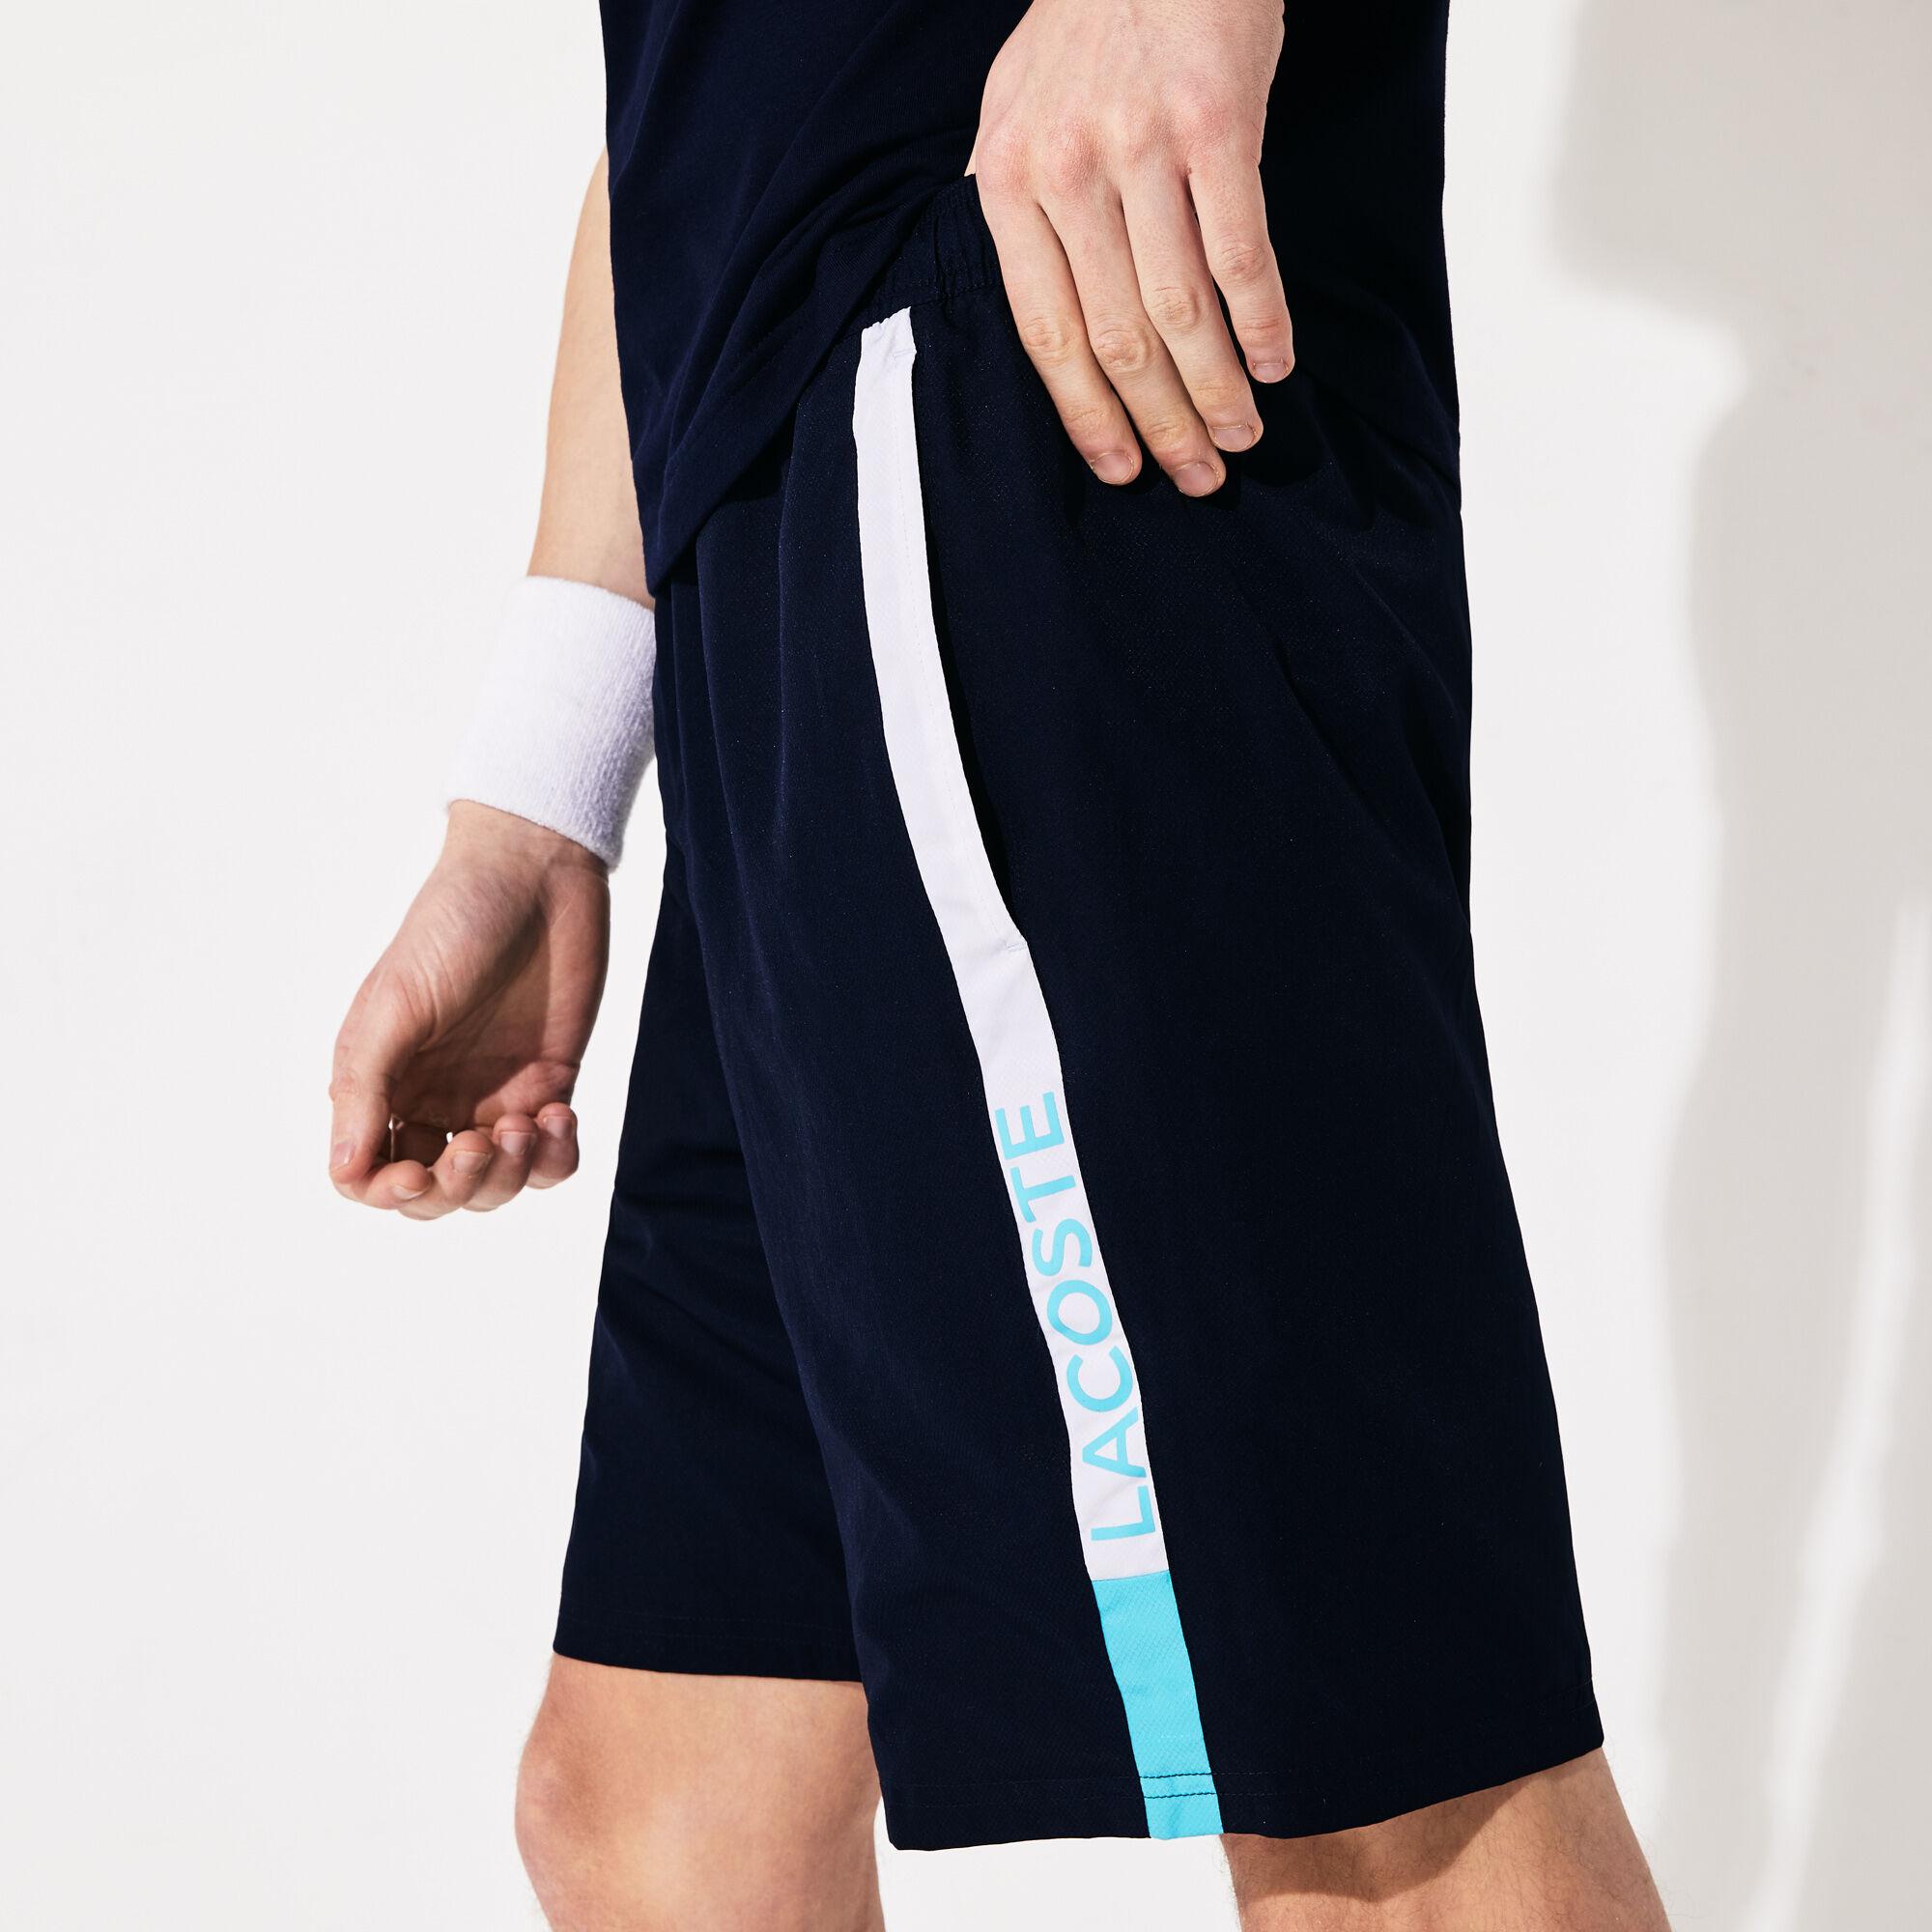 شورت من قماش خفيف مزدان بخطوط ذات ألوان متباينة من مجموعة Lacoste SPORT للرجال